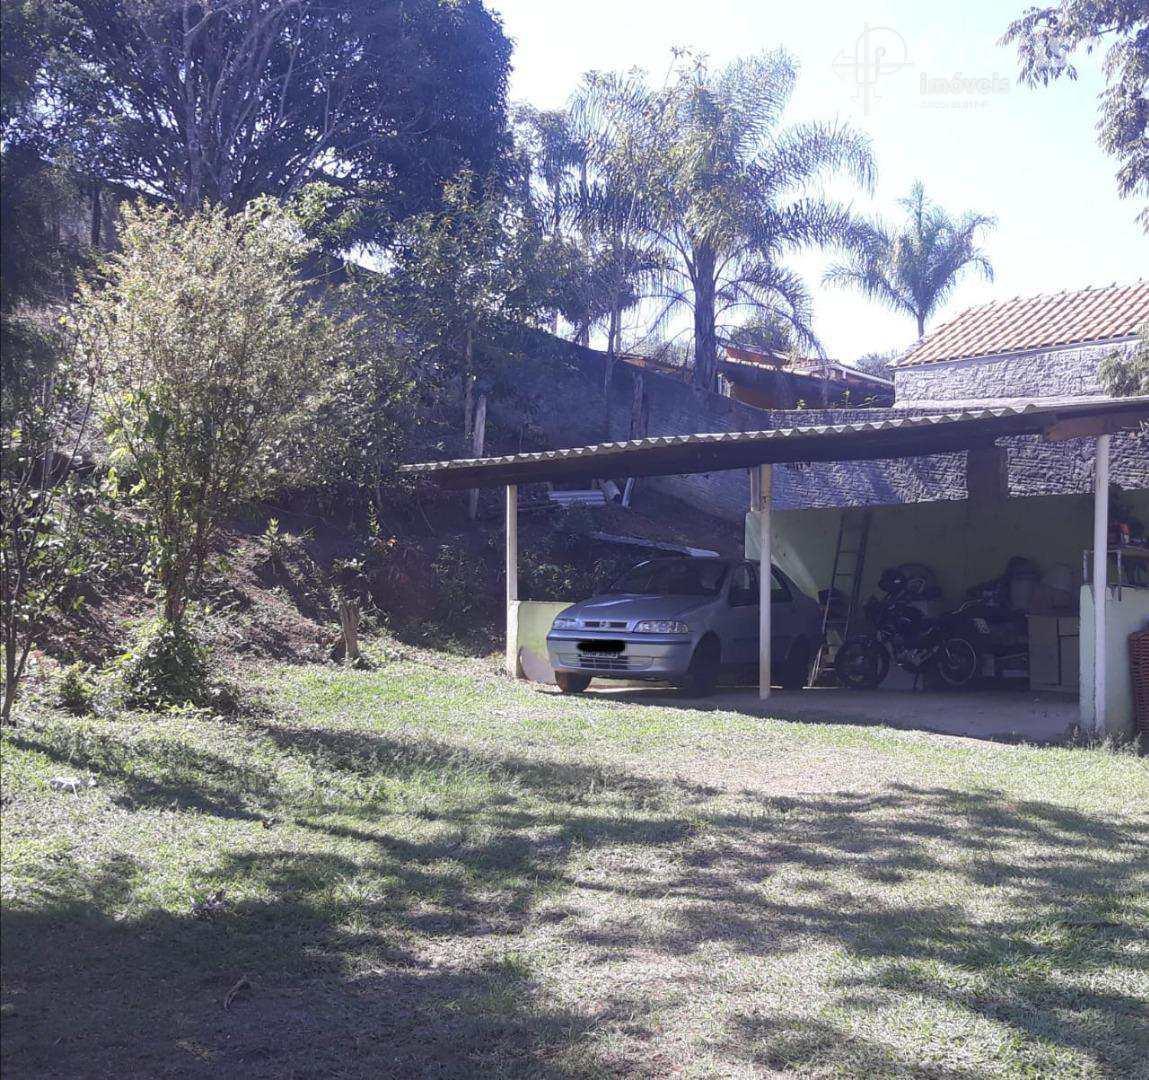 Chácara residencial (2 casas) à venda, Embaú, Cachoeira Paulista.